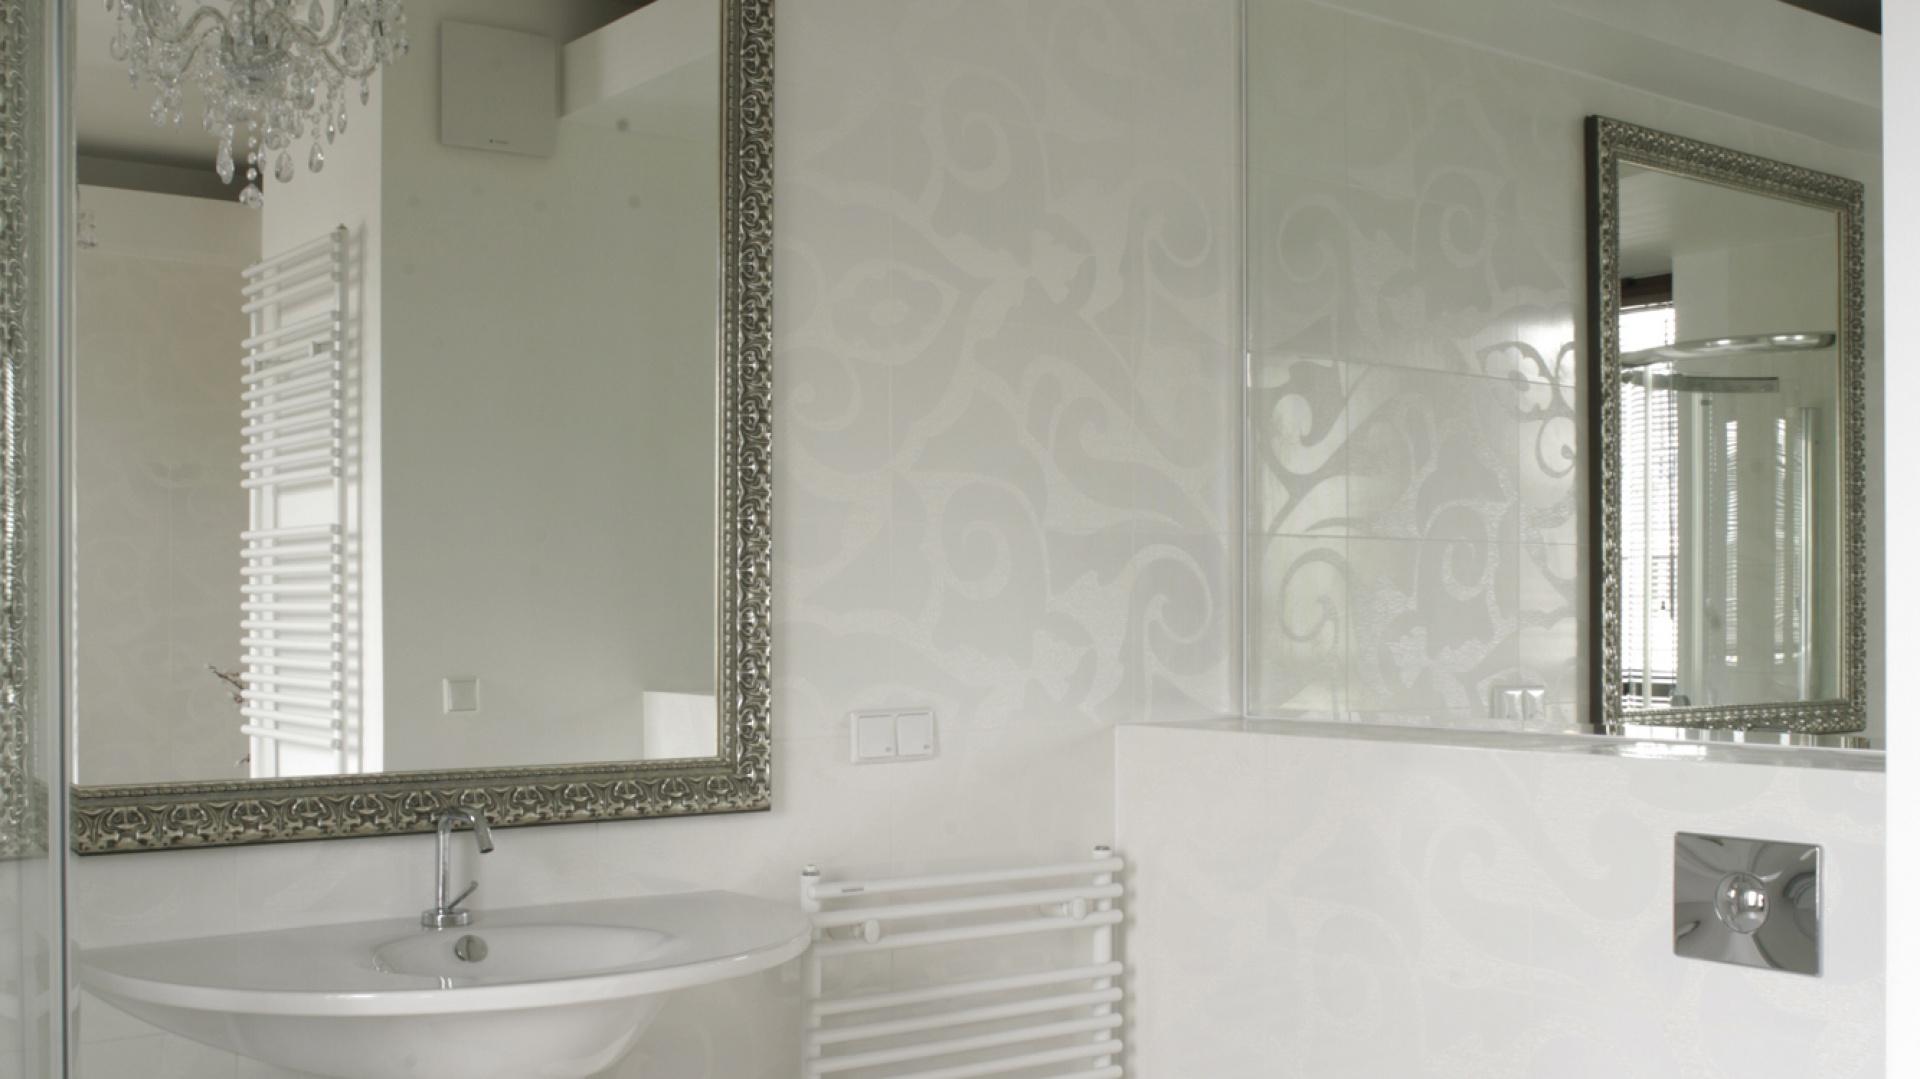 Kafle na ścianach mają kwiatowy wzór typu biel na bieli. Neobarokowa faktura jest widoczna pod światło, także w odbiciach luster. Sprawia, że biel w tej łazience jest przytulna. Fot. Bartosz Jarosz.